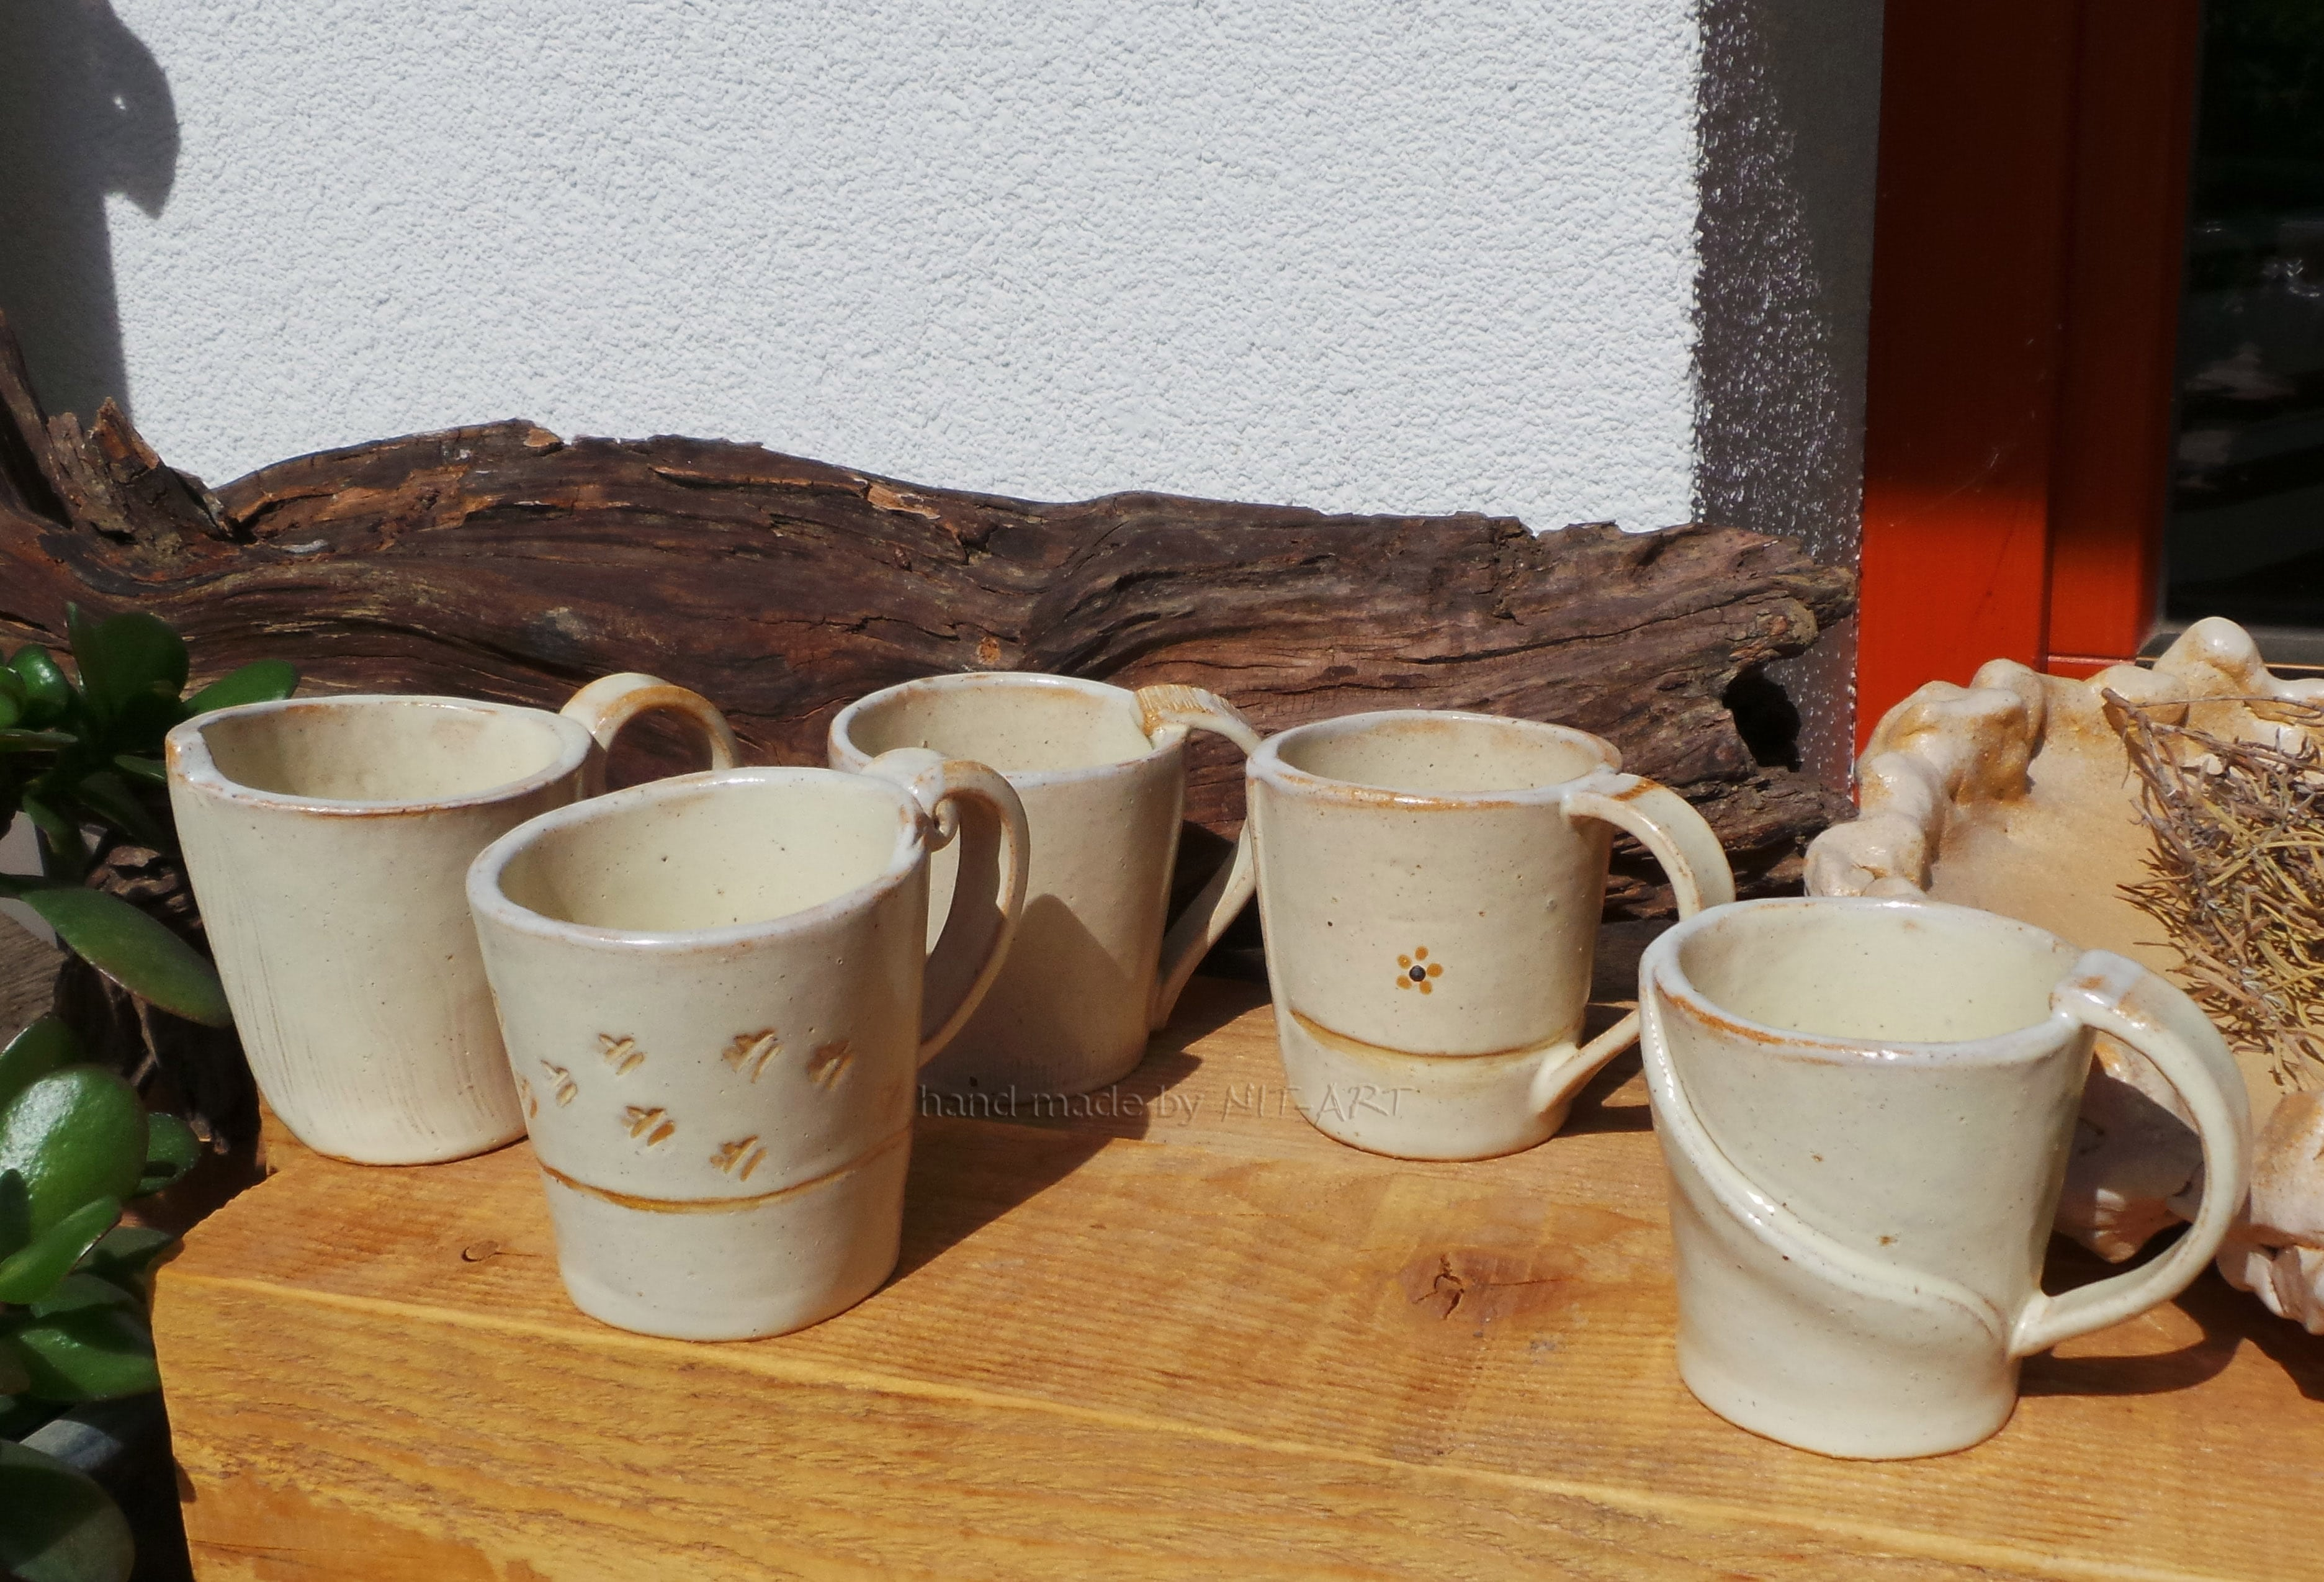 upotrebna_keramika_a6